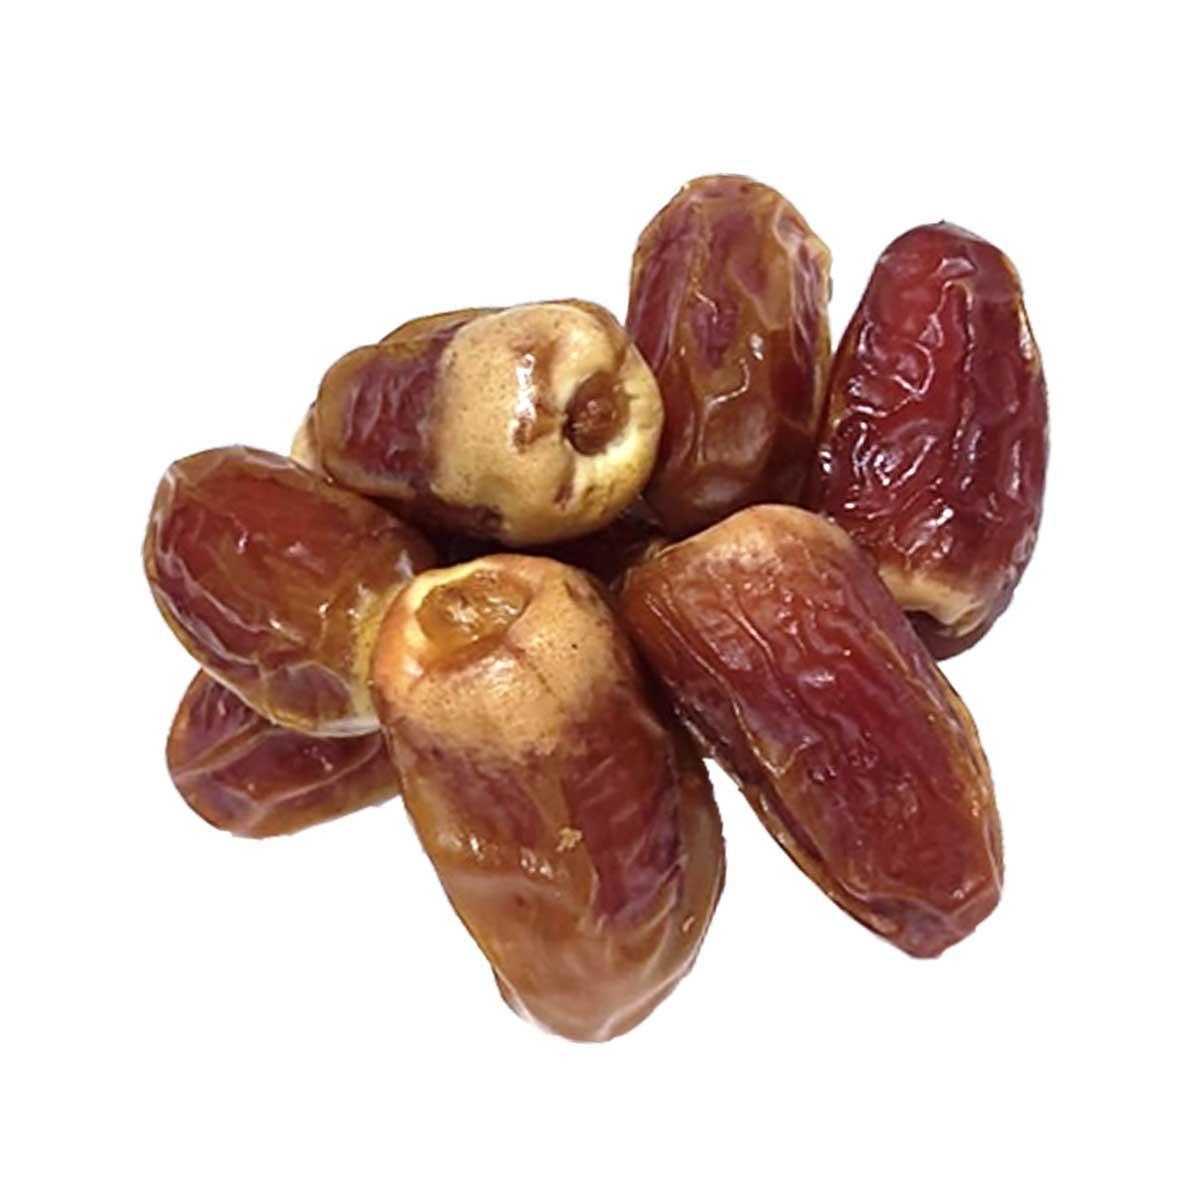 Dates Saghai